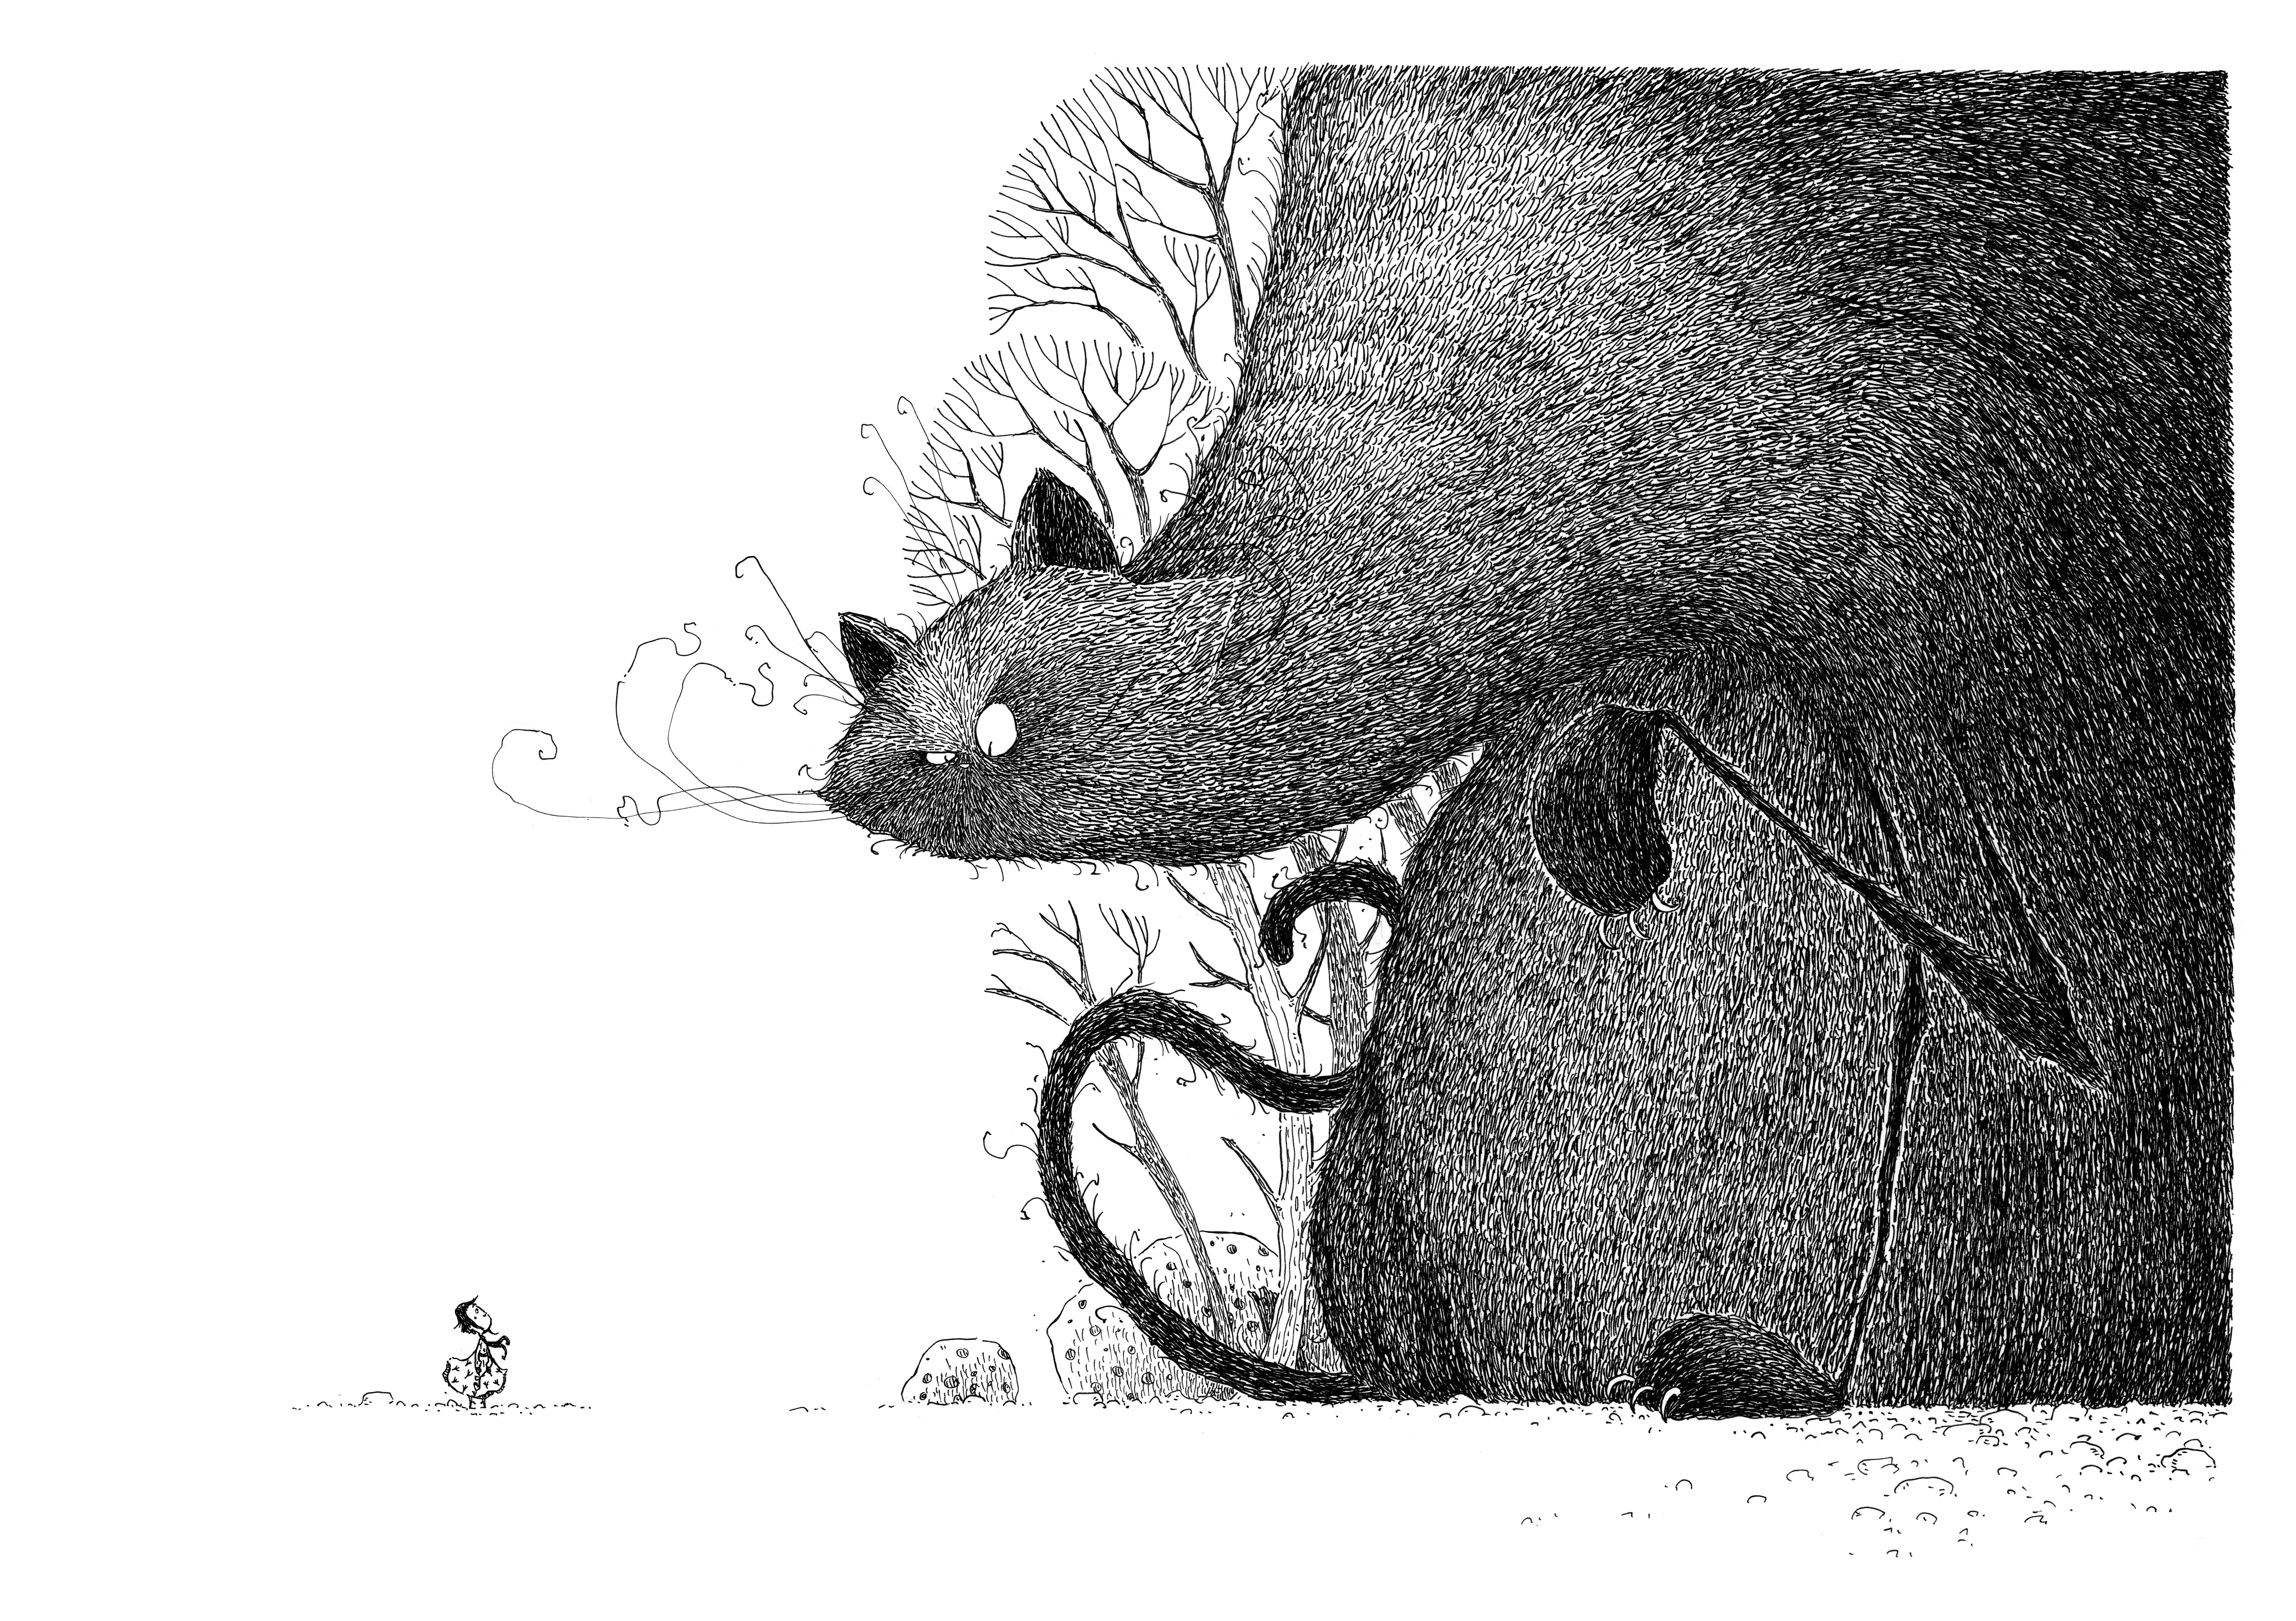 Illustration af Teemu Juhani, fra Katten med den knurrende mave, skrevet af Magdalena Hai. Udgivelsesdato: 19. juli 2021.